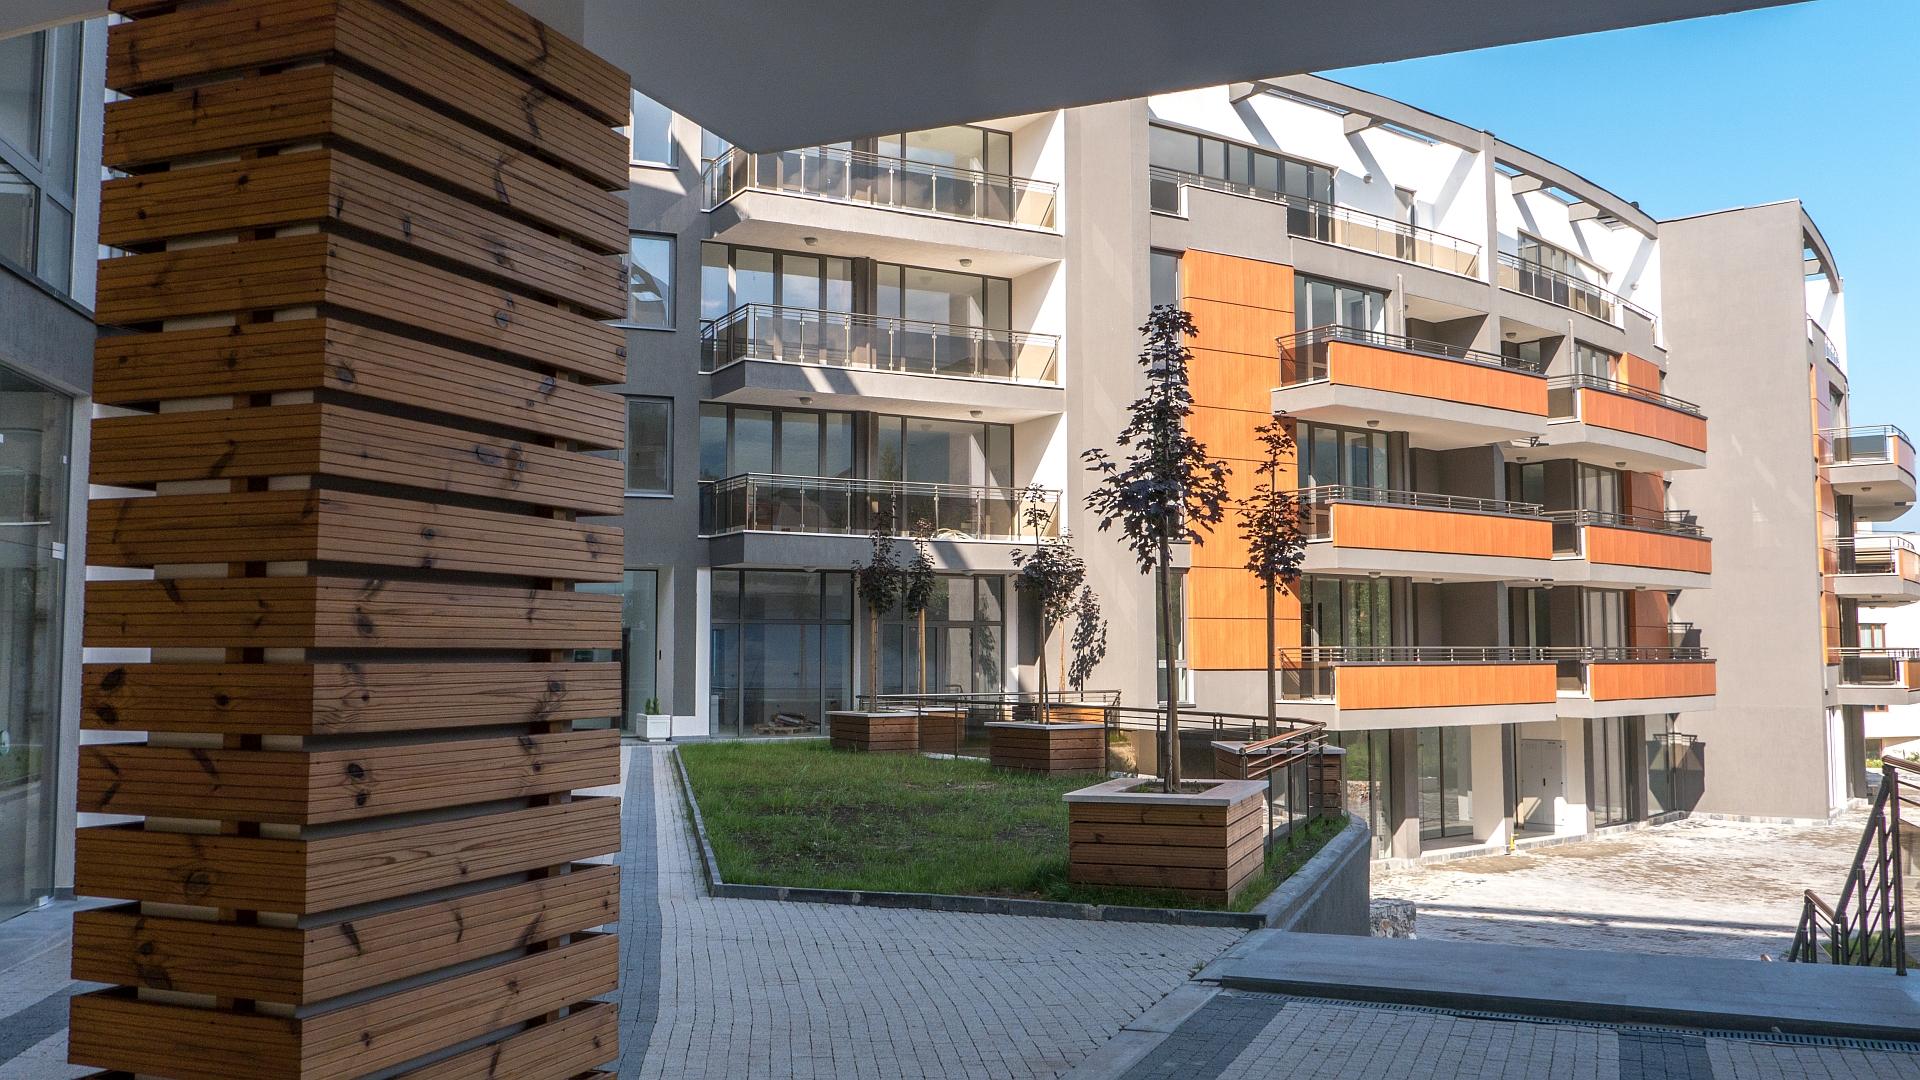 Двустаен апартамент, 114 кв. м, в напълно завършен, луксозен комплекс, с Акт 16, кв. Карпузица, гр. София